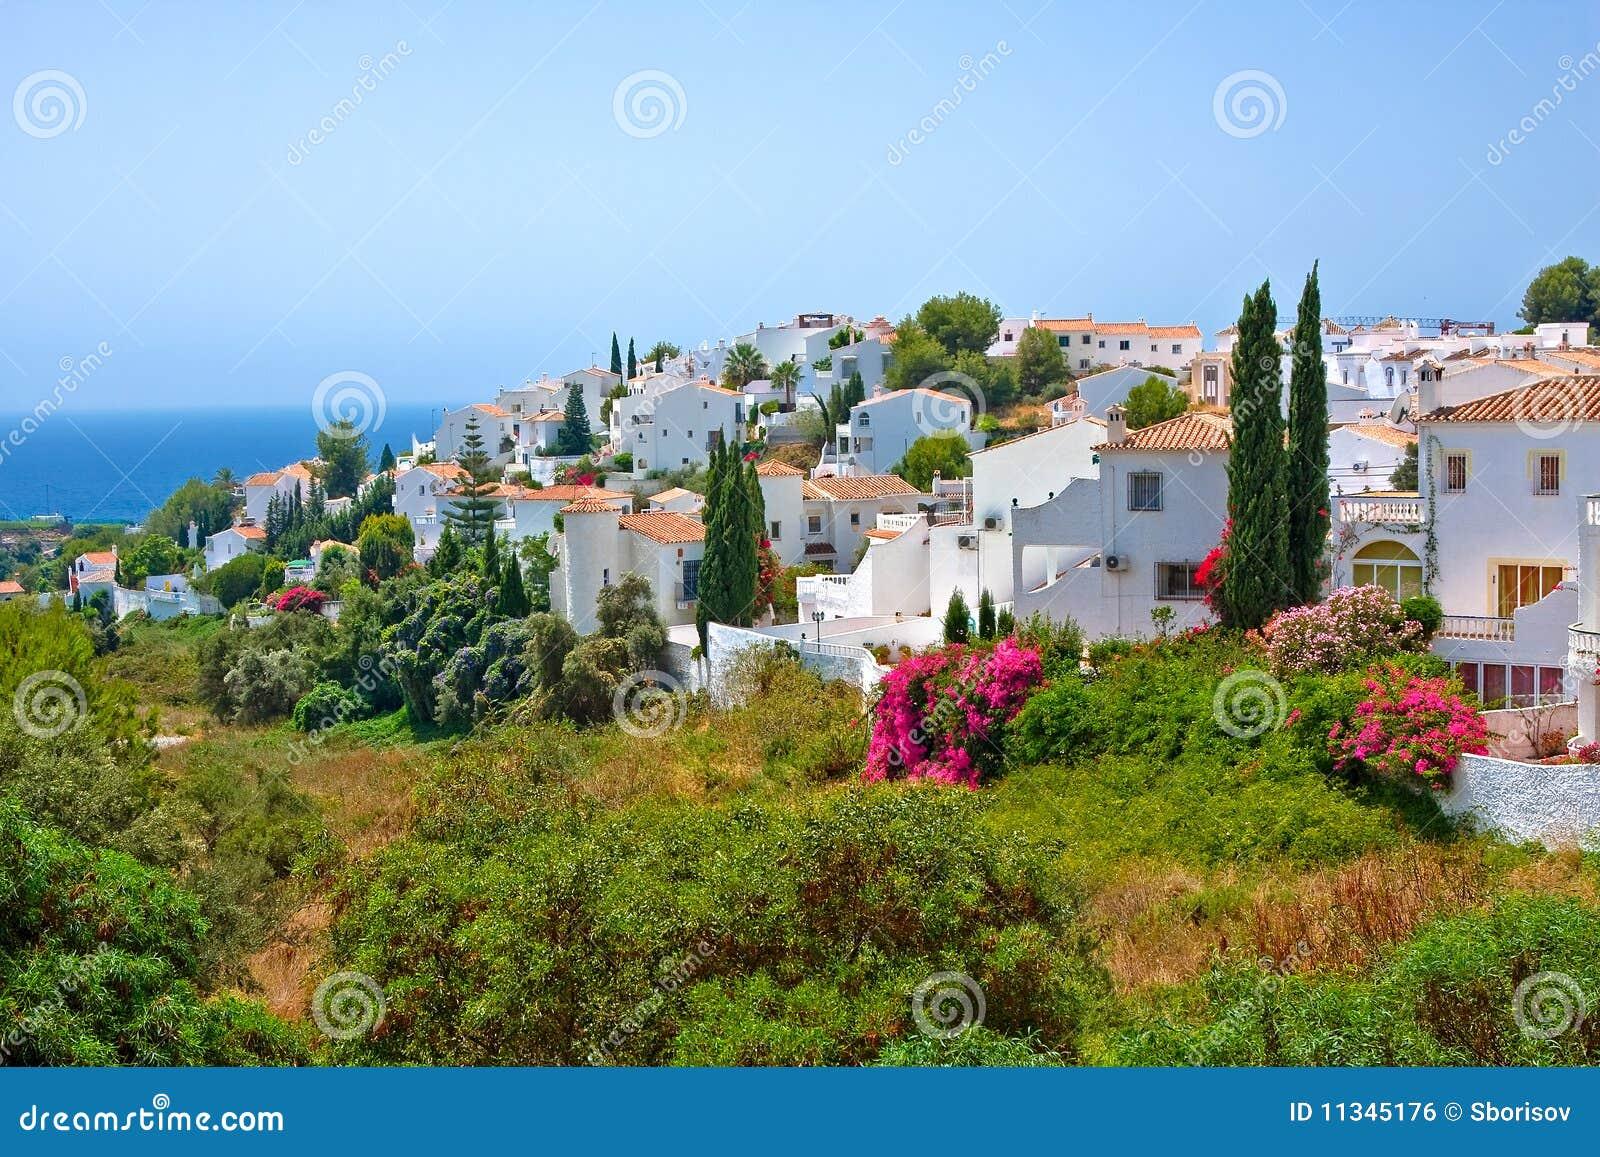 Spanish Landscape Royalty Free Stock Image Image 11345176